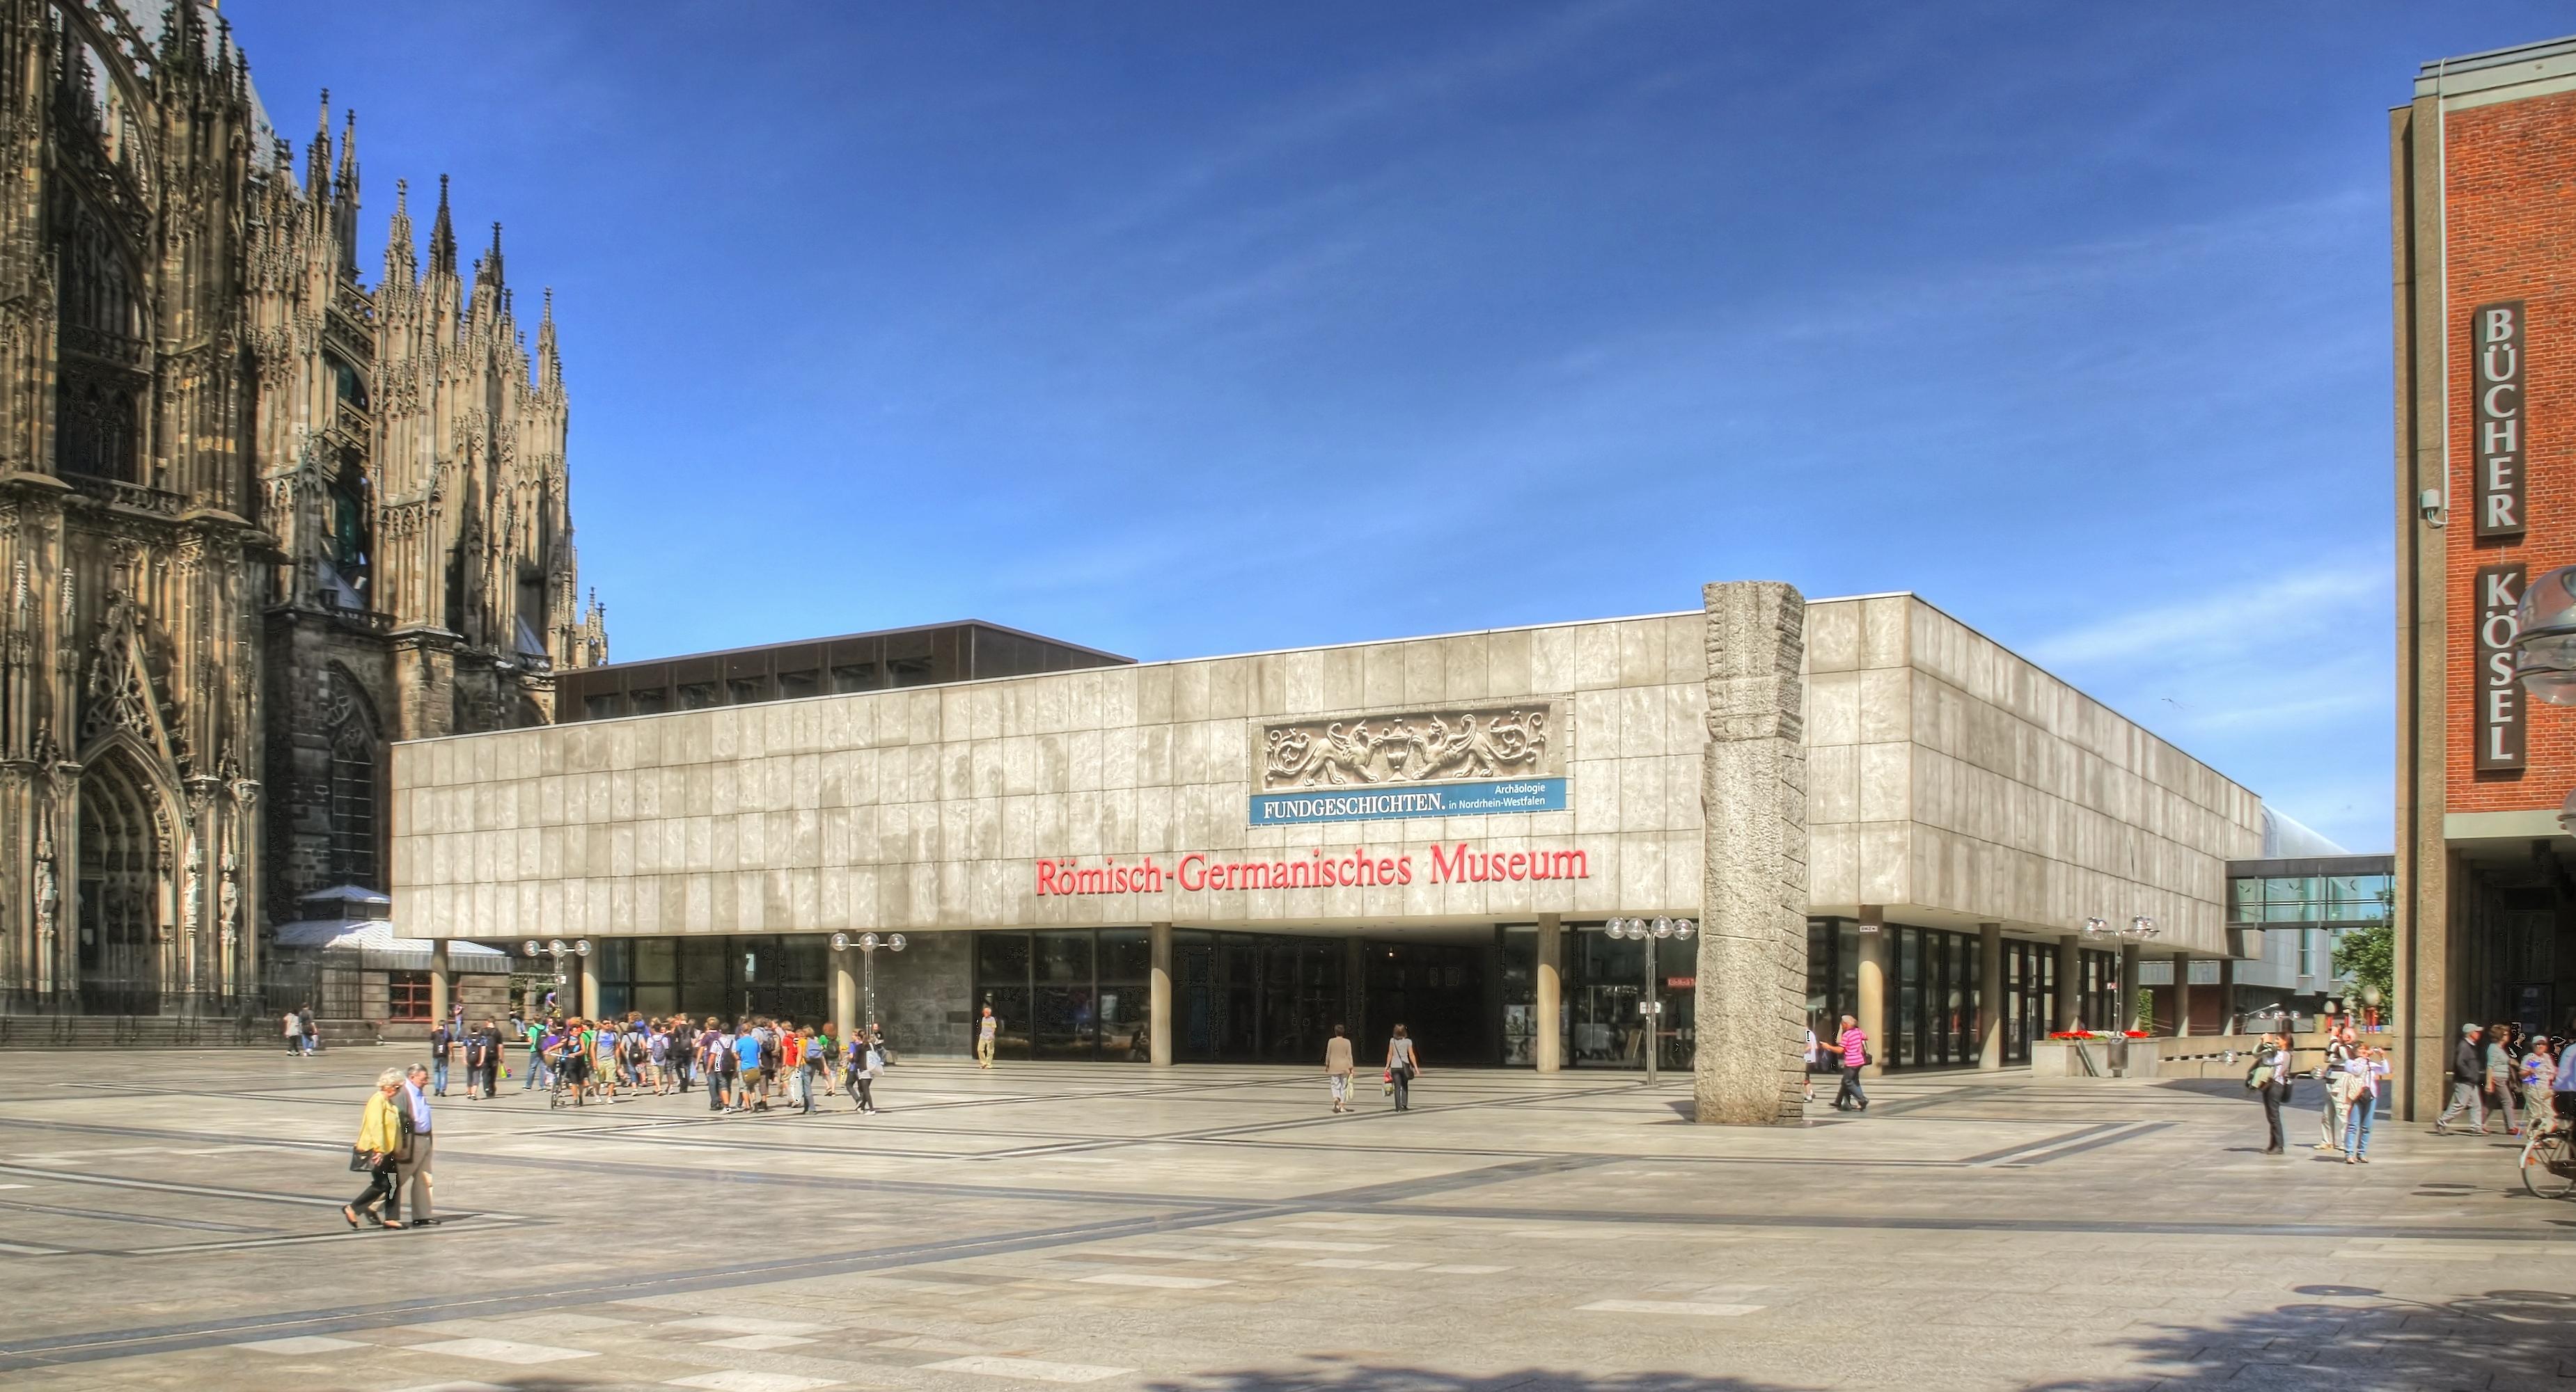 Römisch-Germanisches-Museum